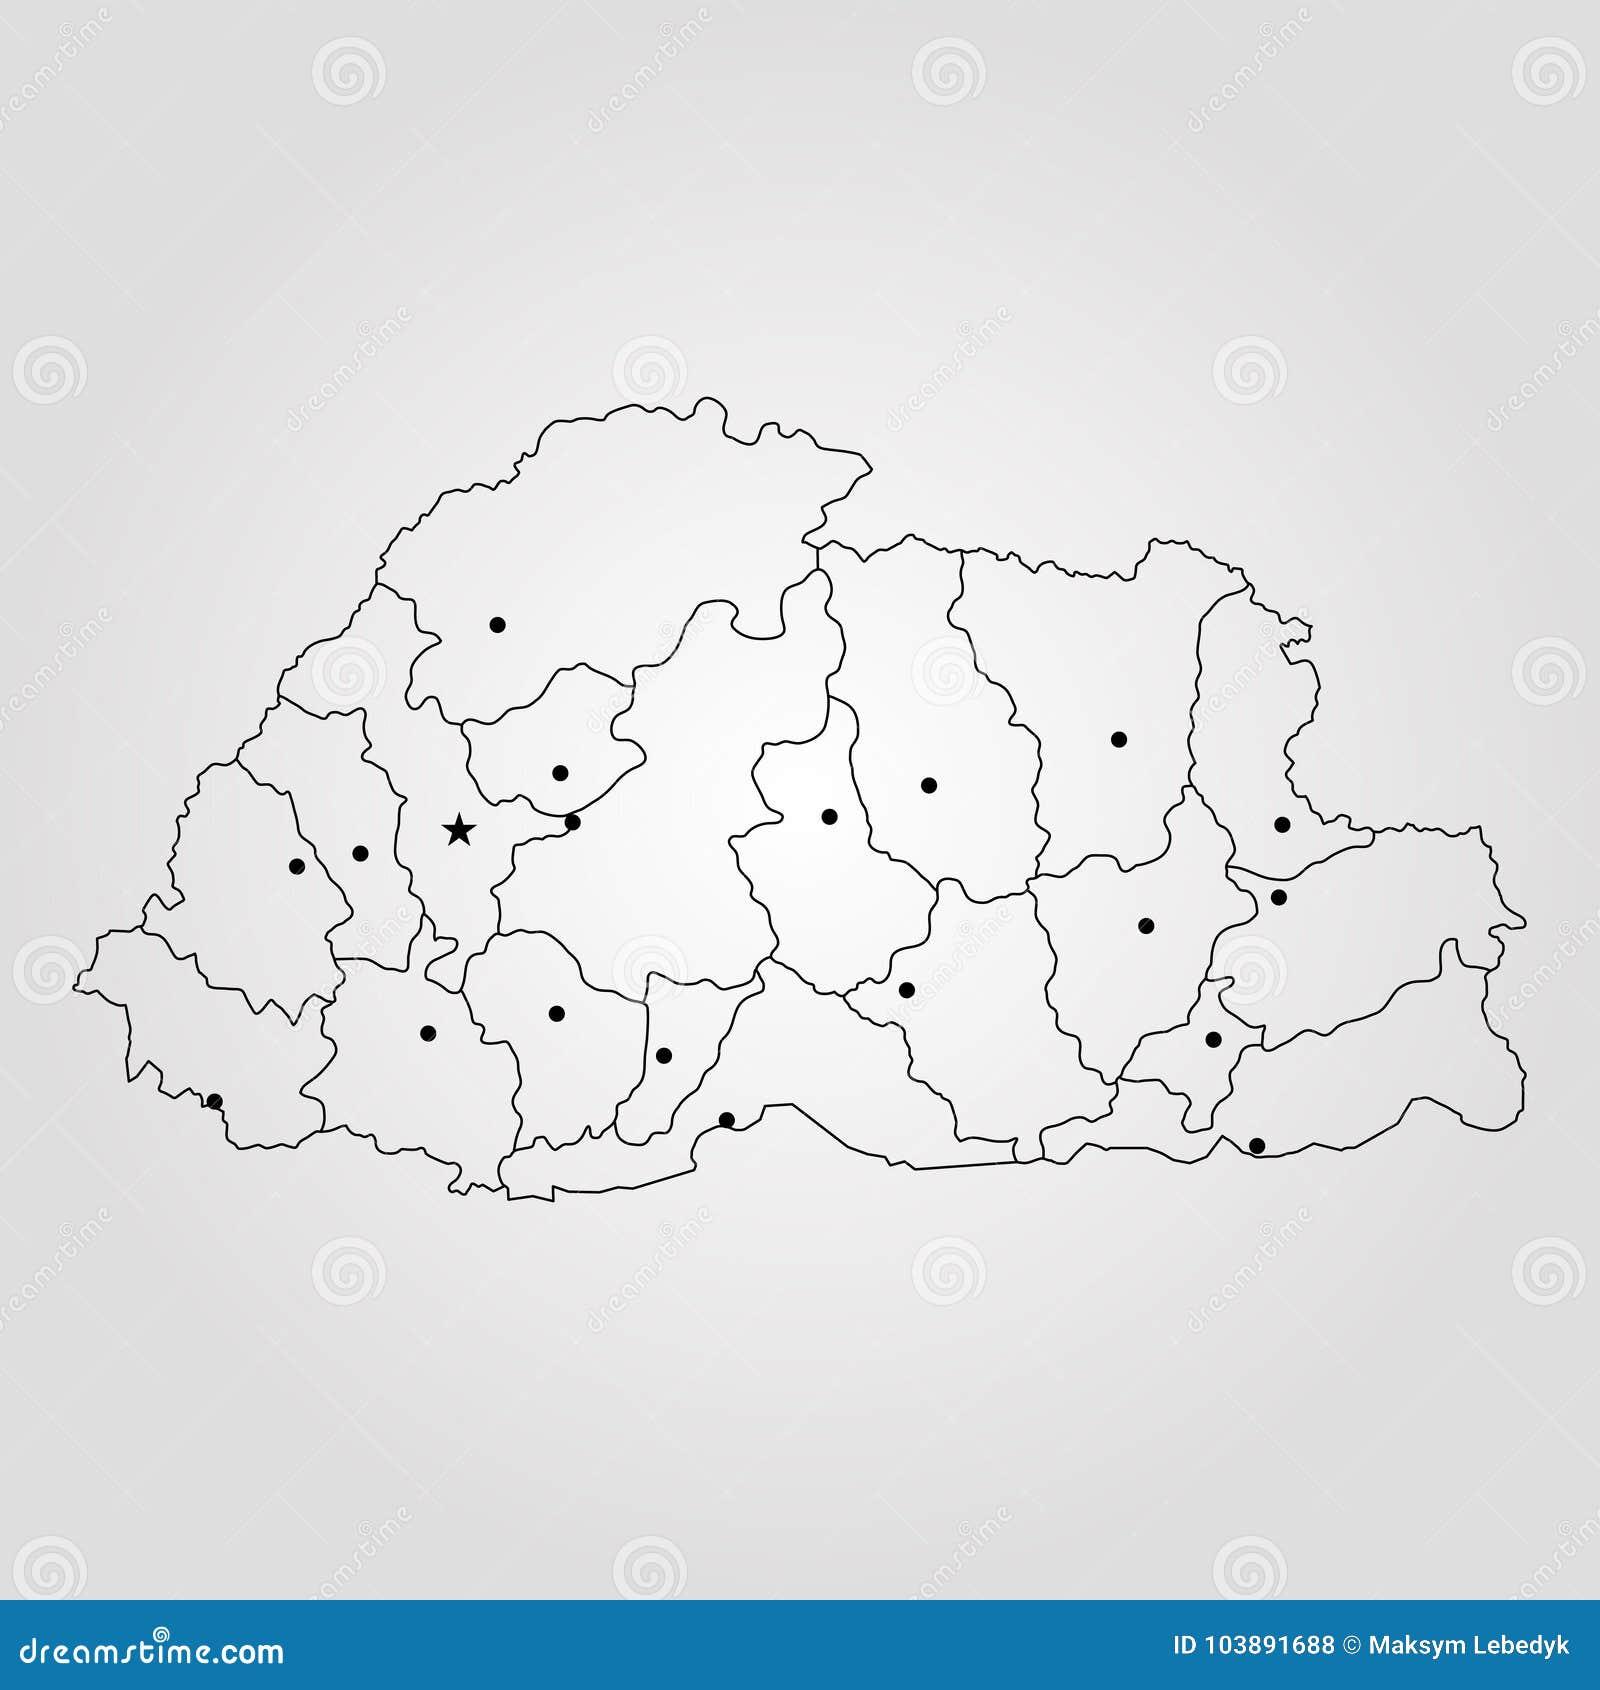 World Map Bhutan.Map Of Bhutan Stock Illustration Illustration Of Isolated 103891688